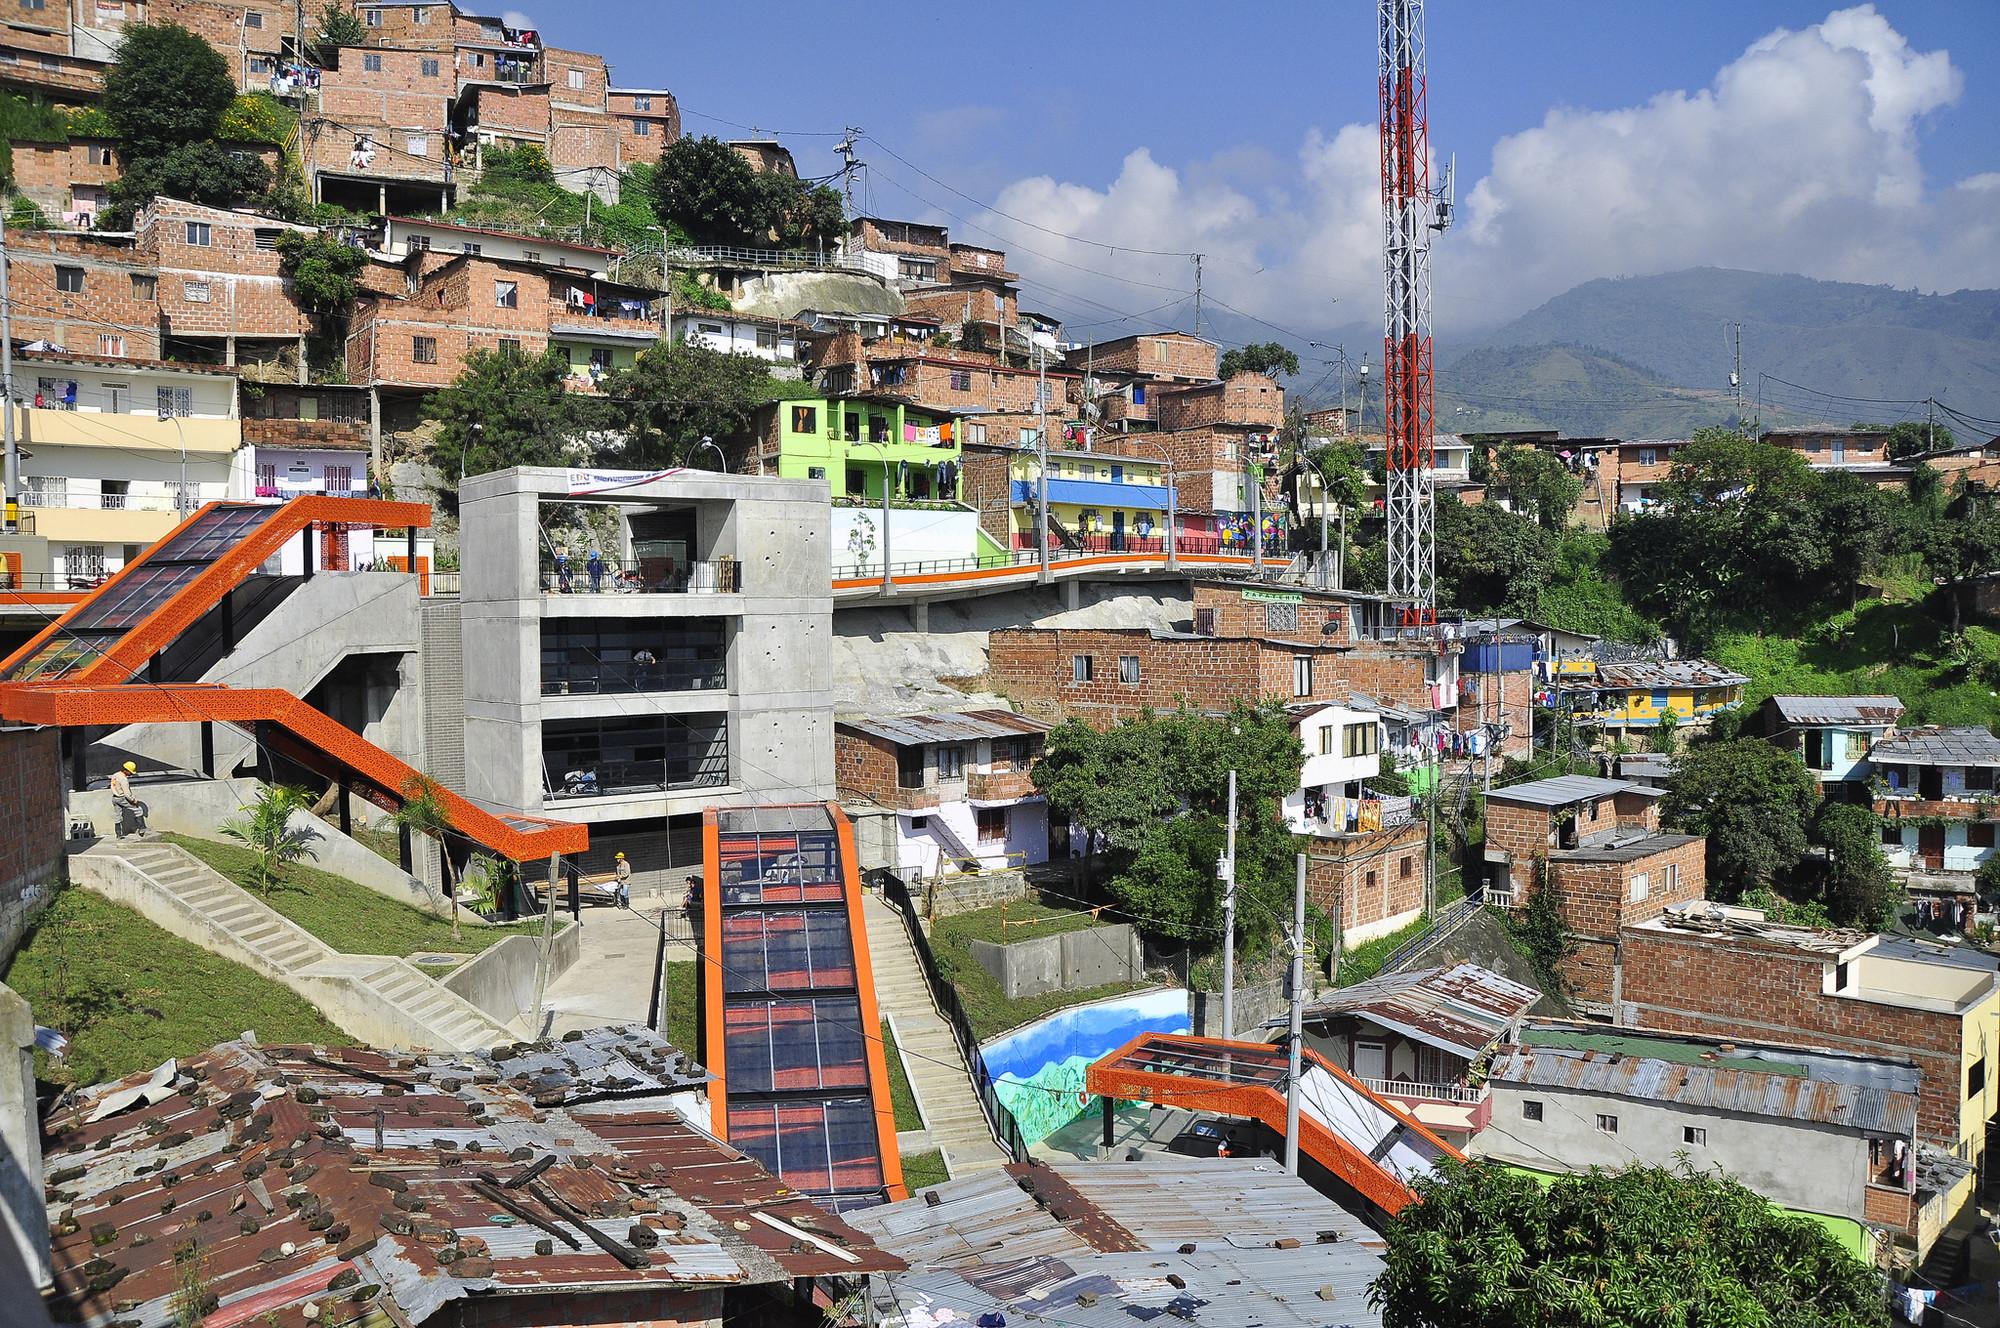 Gustavo Restrepo: El urbanismo puede acorralar al narcotráfico, Metrocable en el barrio Las Independencias de Medellín. Image vía Embarq Brasil [Flickr CC]